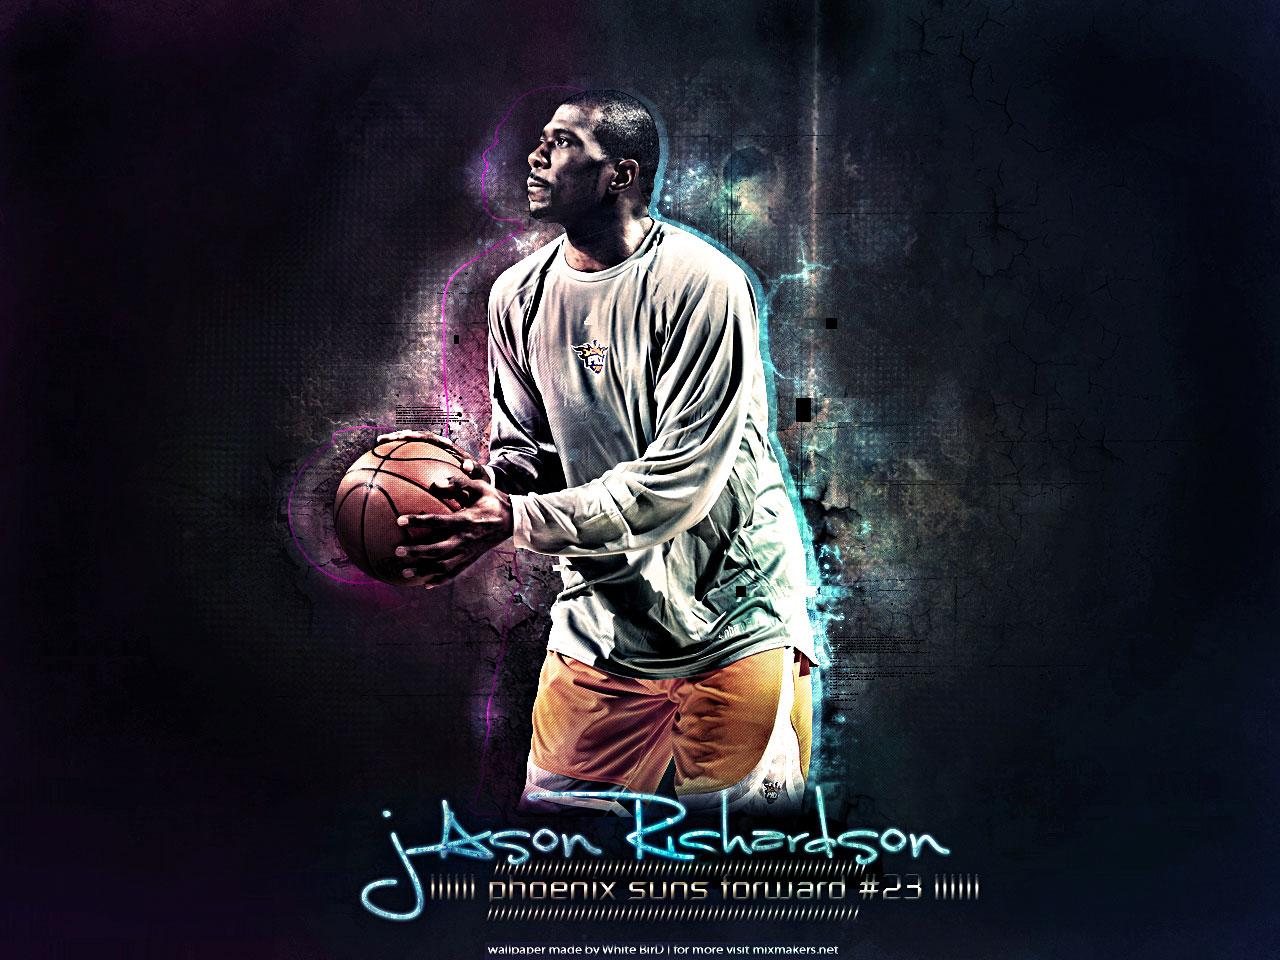 http://4.bp.blogspot.com/_0_IbsH3Iw48/TK6Vi2NBknI/AAAAAAAACn4/UbX87MBxjfg/s1600/Jason-Richardson-Suns-Wallpaper.jpg